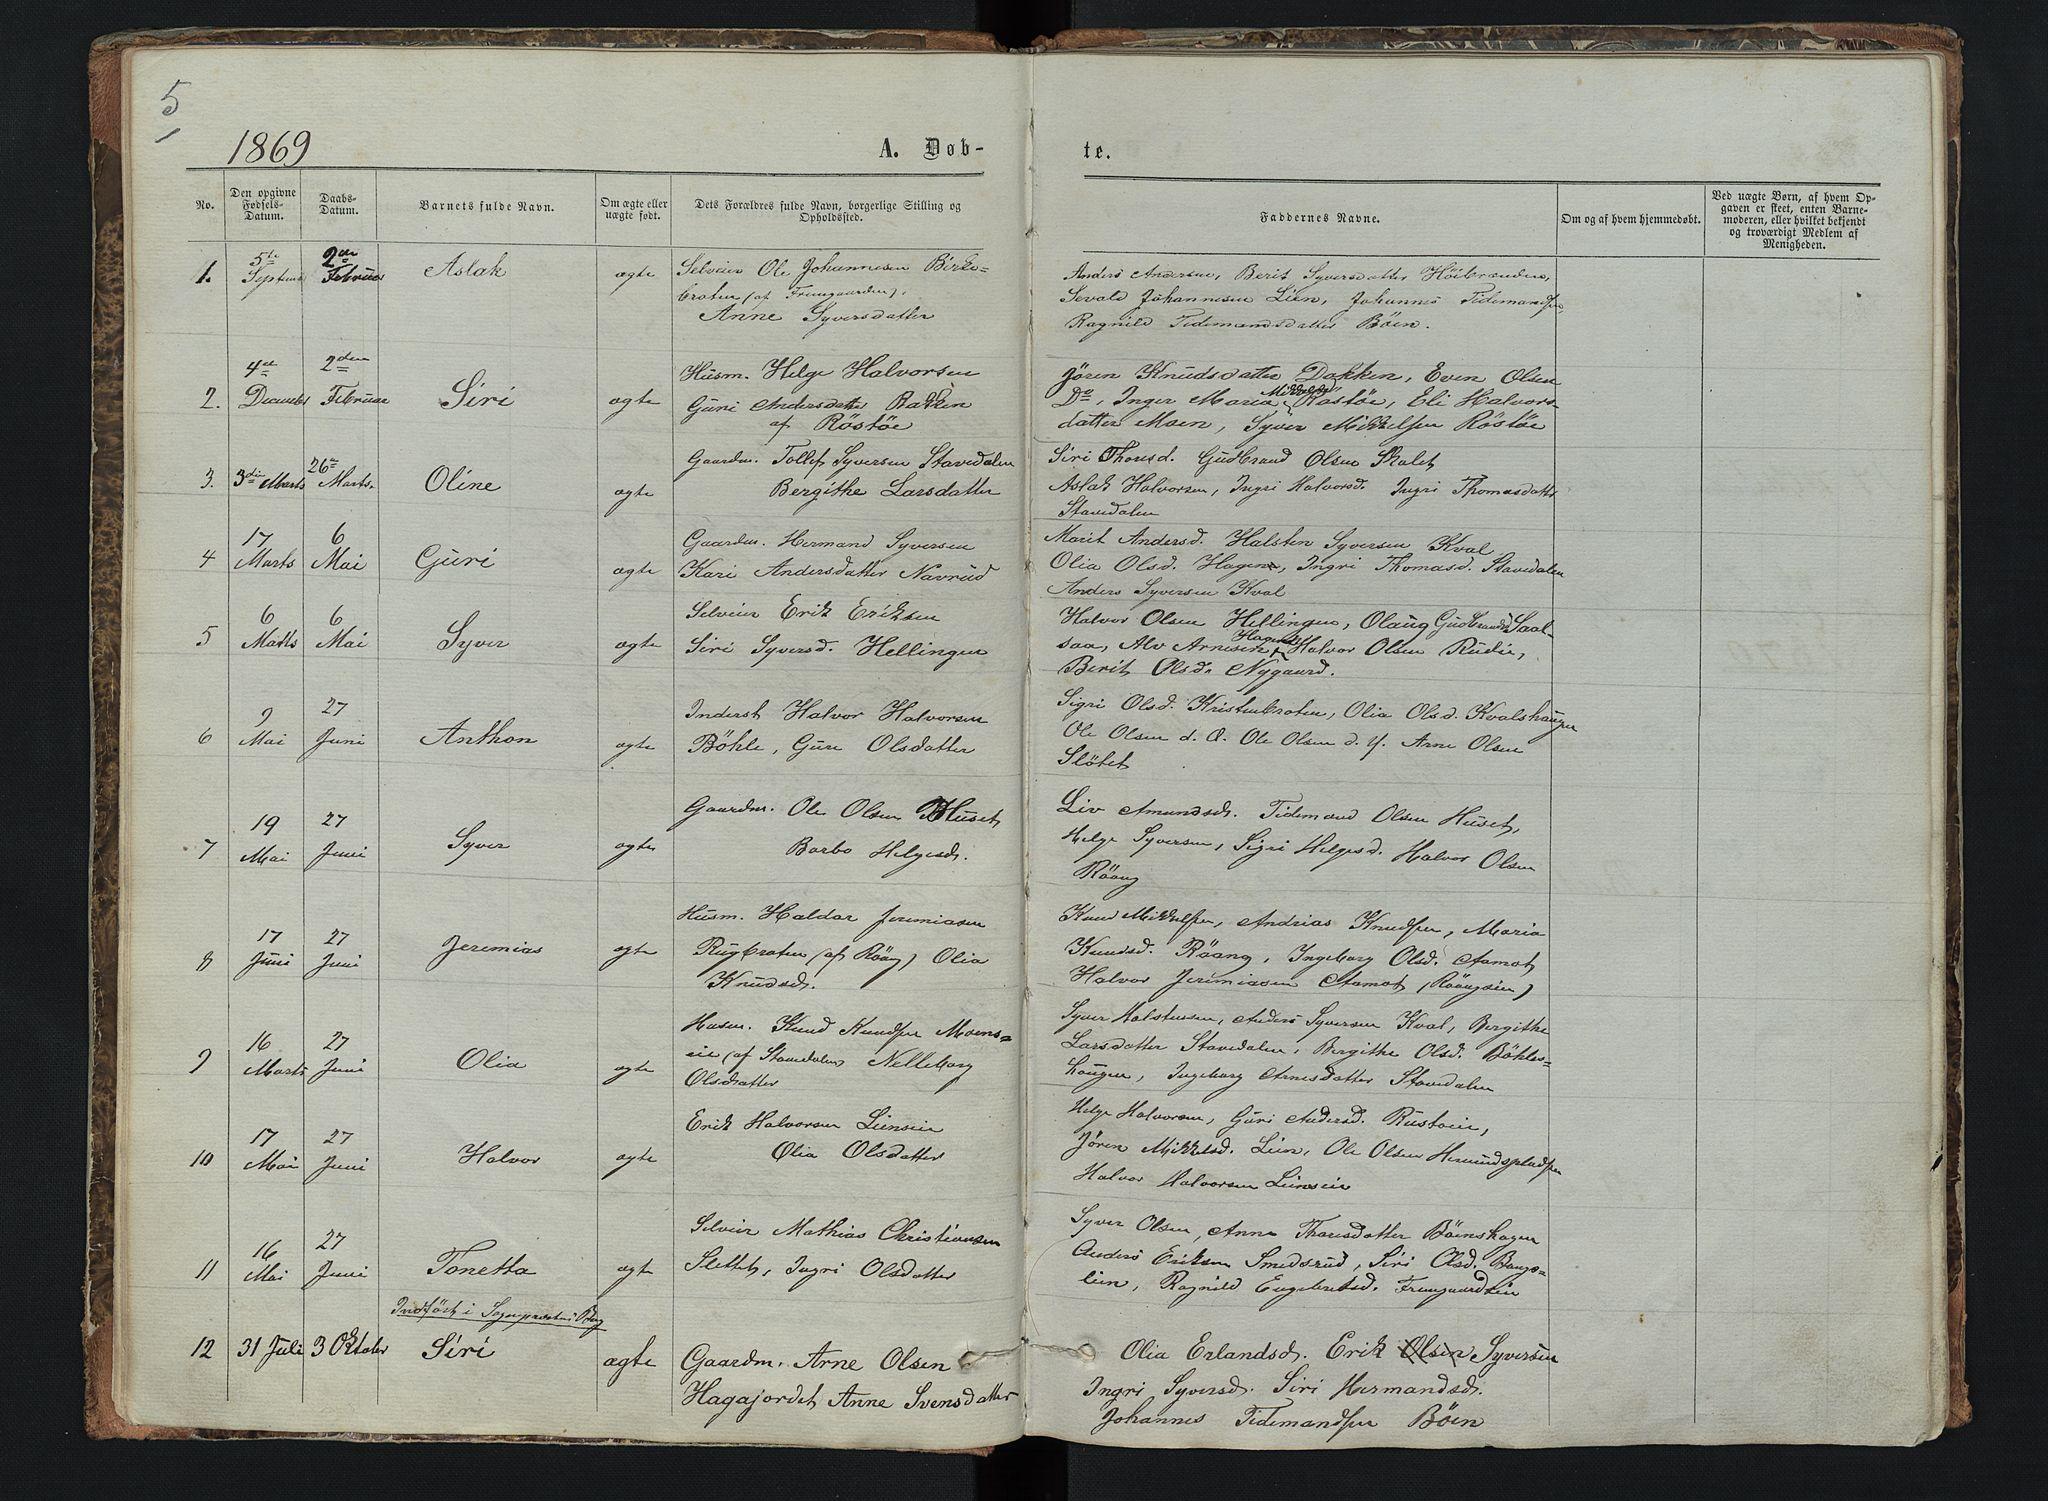 SAH, Sør-Aurdal prestekontor, Klokkerbok nr. 6, 1866-1893, s. 5